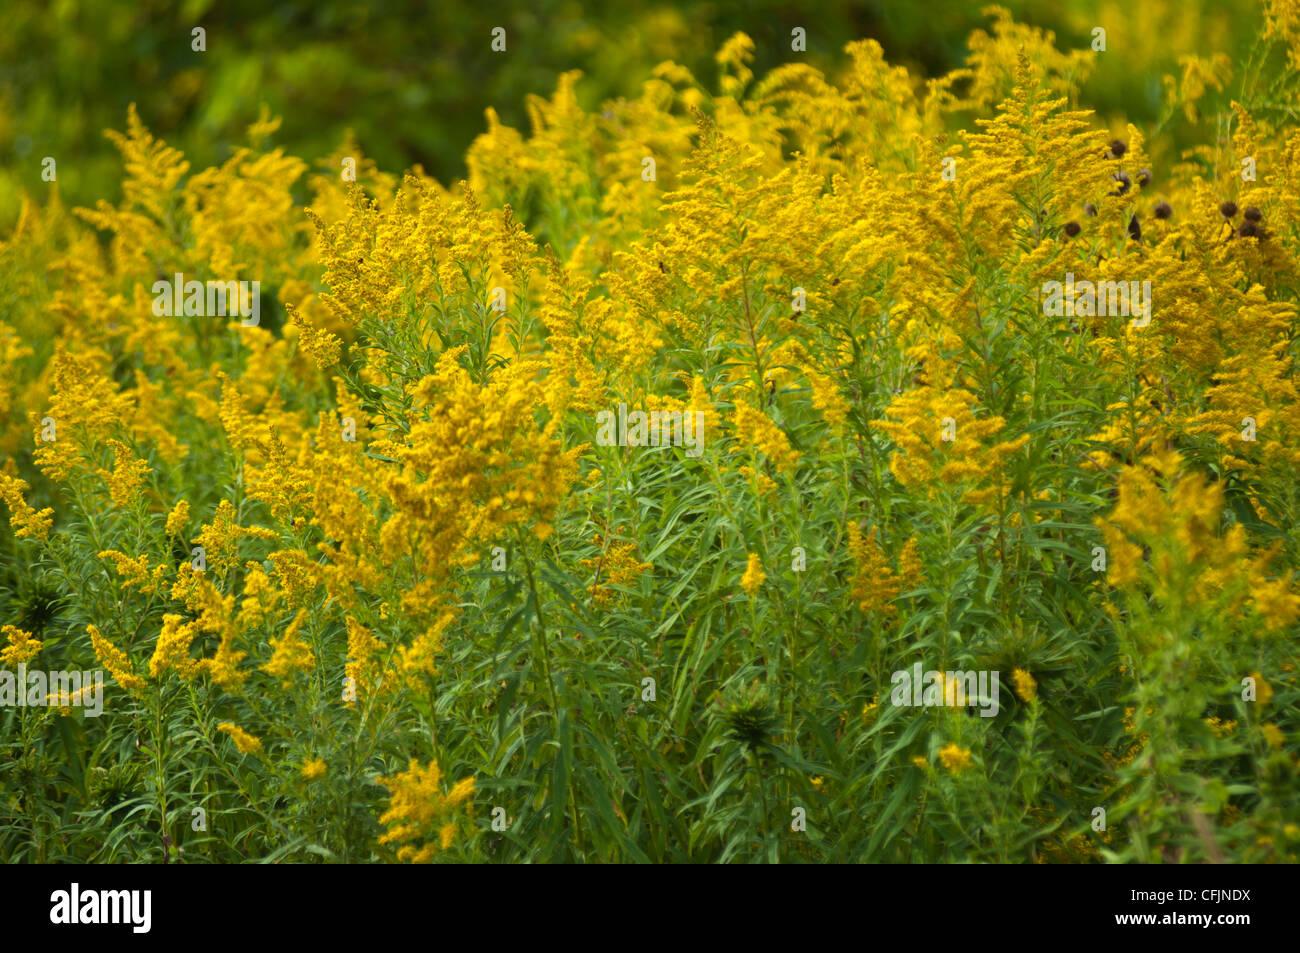 Many Yellow flowers of Solidago, Goldenrod - Stock Image